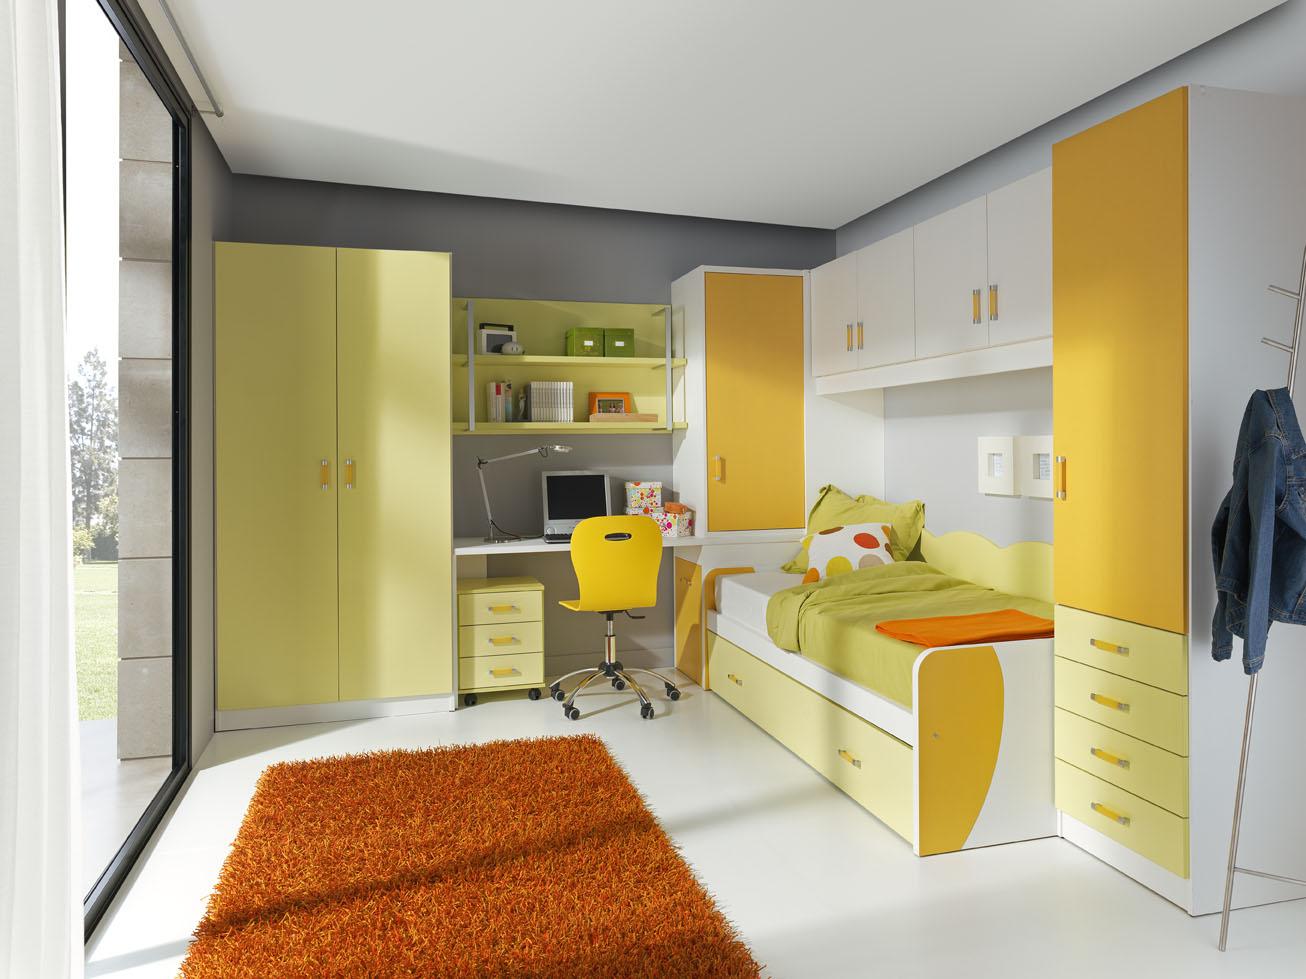 Dormitorios modernos funcionales para jovenes y nios